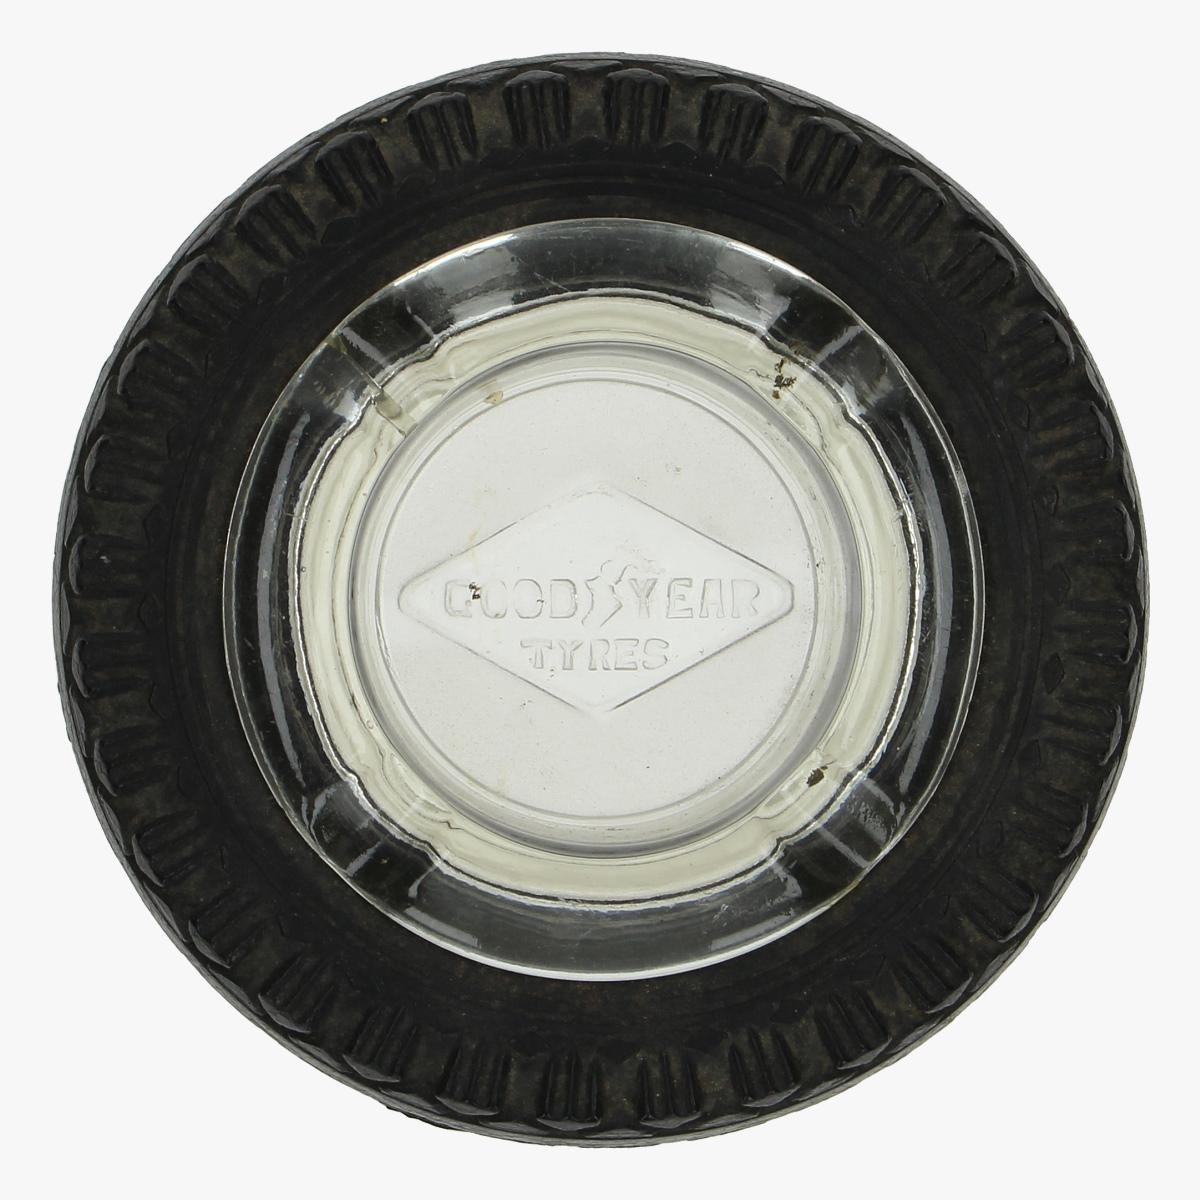 Afbeeldingen van asbak goodyear tyres